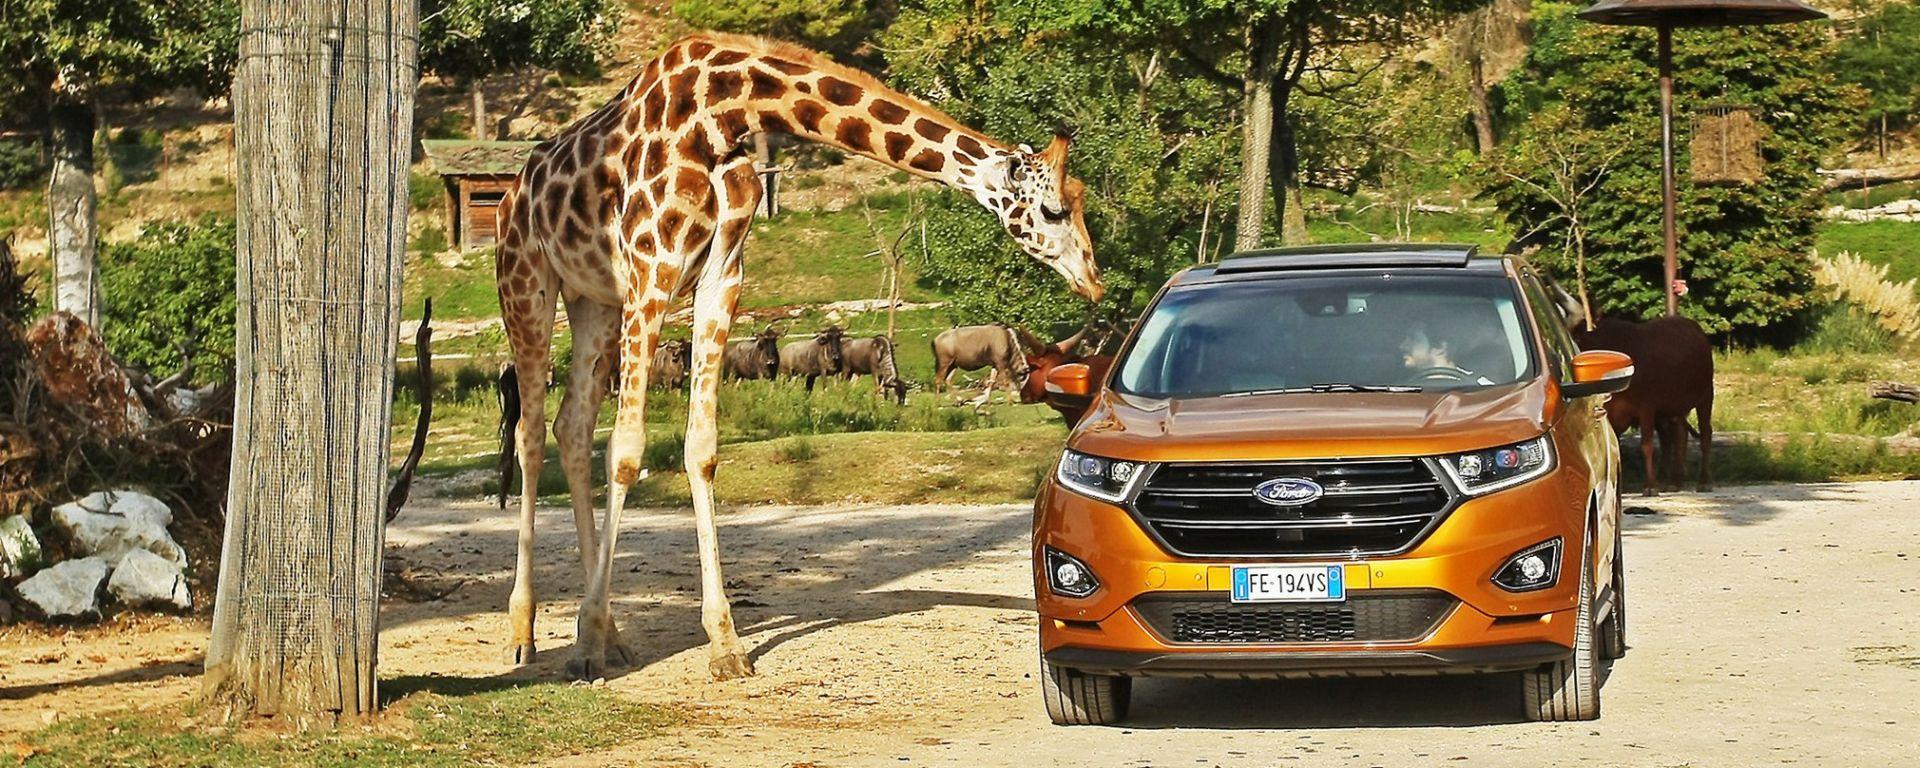 Ford Edge: la savana è un posto selvaggio